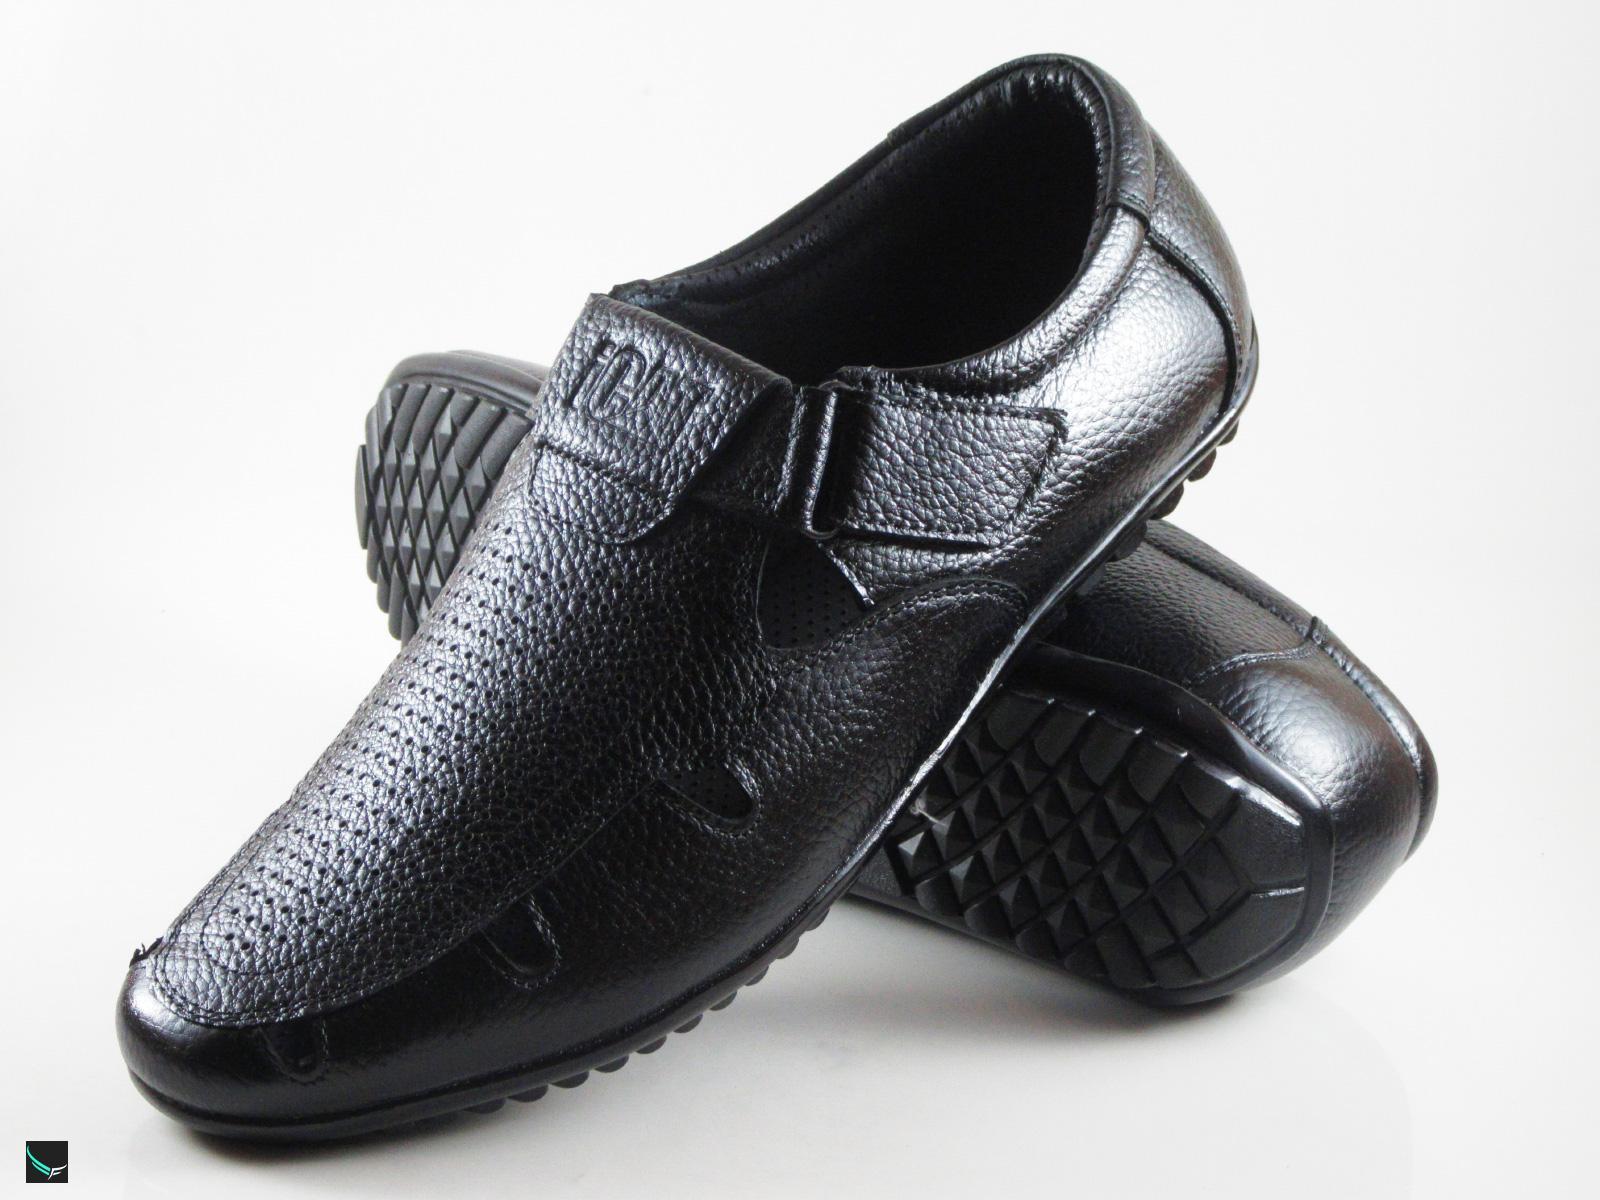 Men's Stylish Leather Shoes - 3794